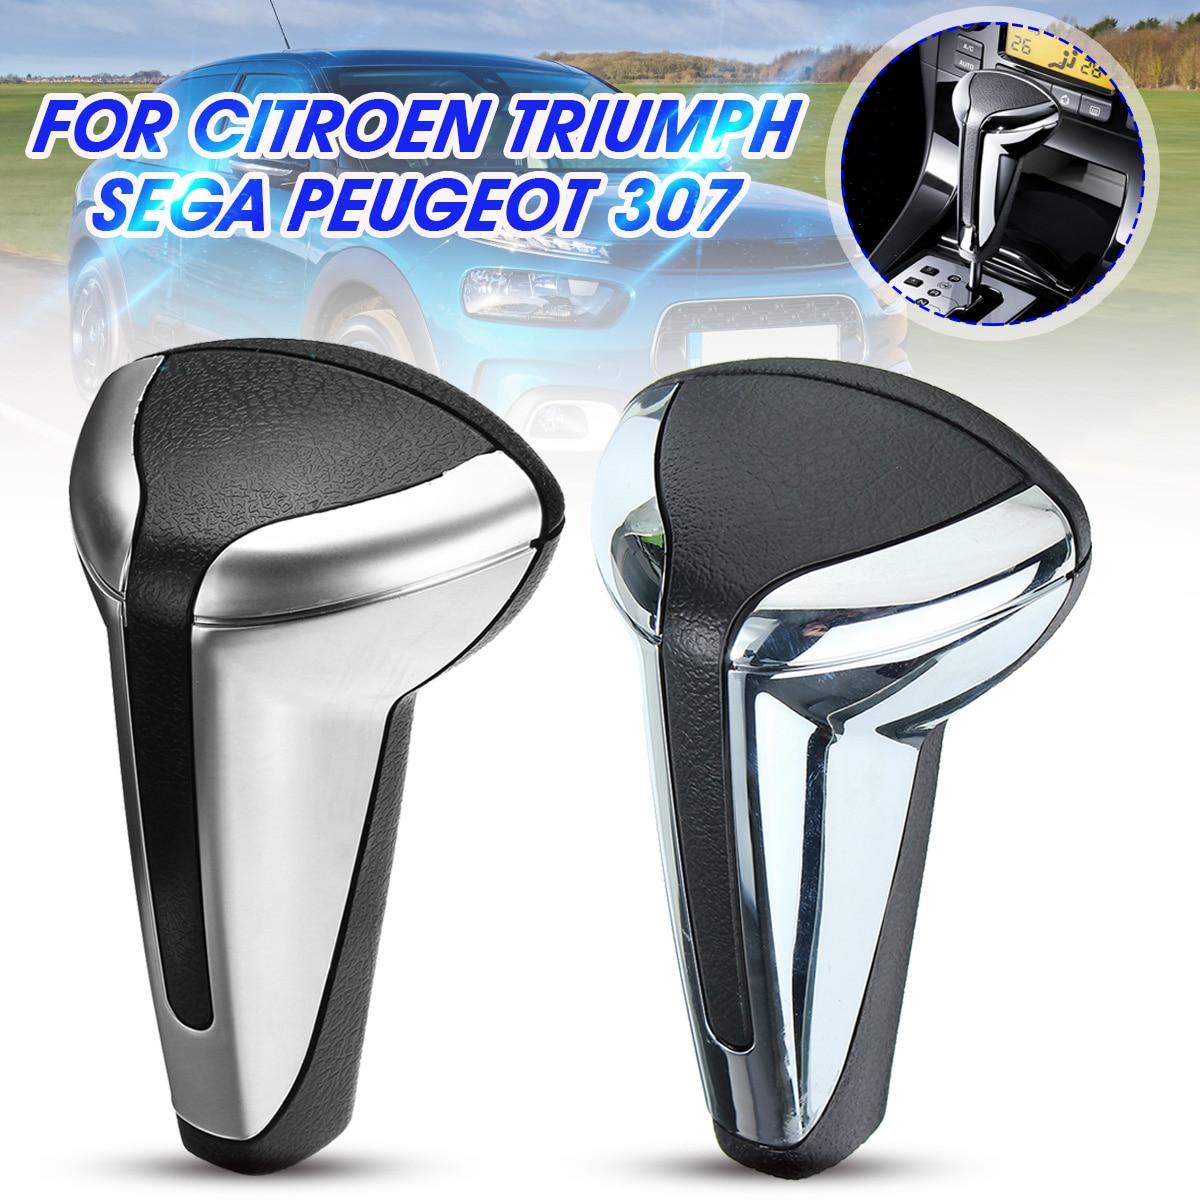 Хромированная Автомобильная рукоятка для рычага переключения передач для Peugeot 307 для Citroen C4 для Triumph для Sega